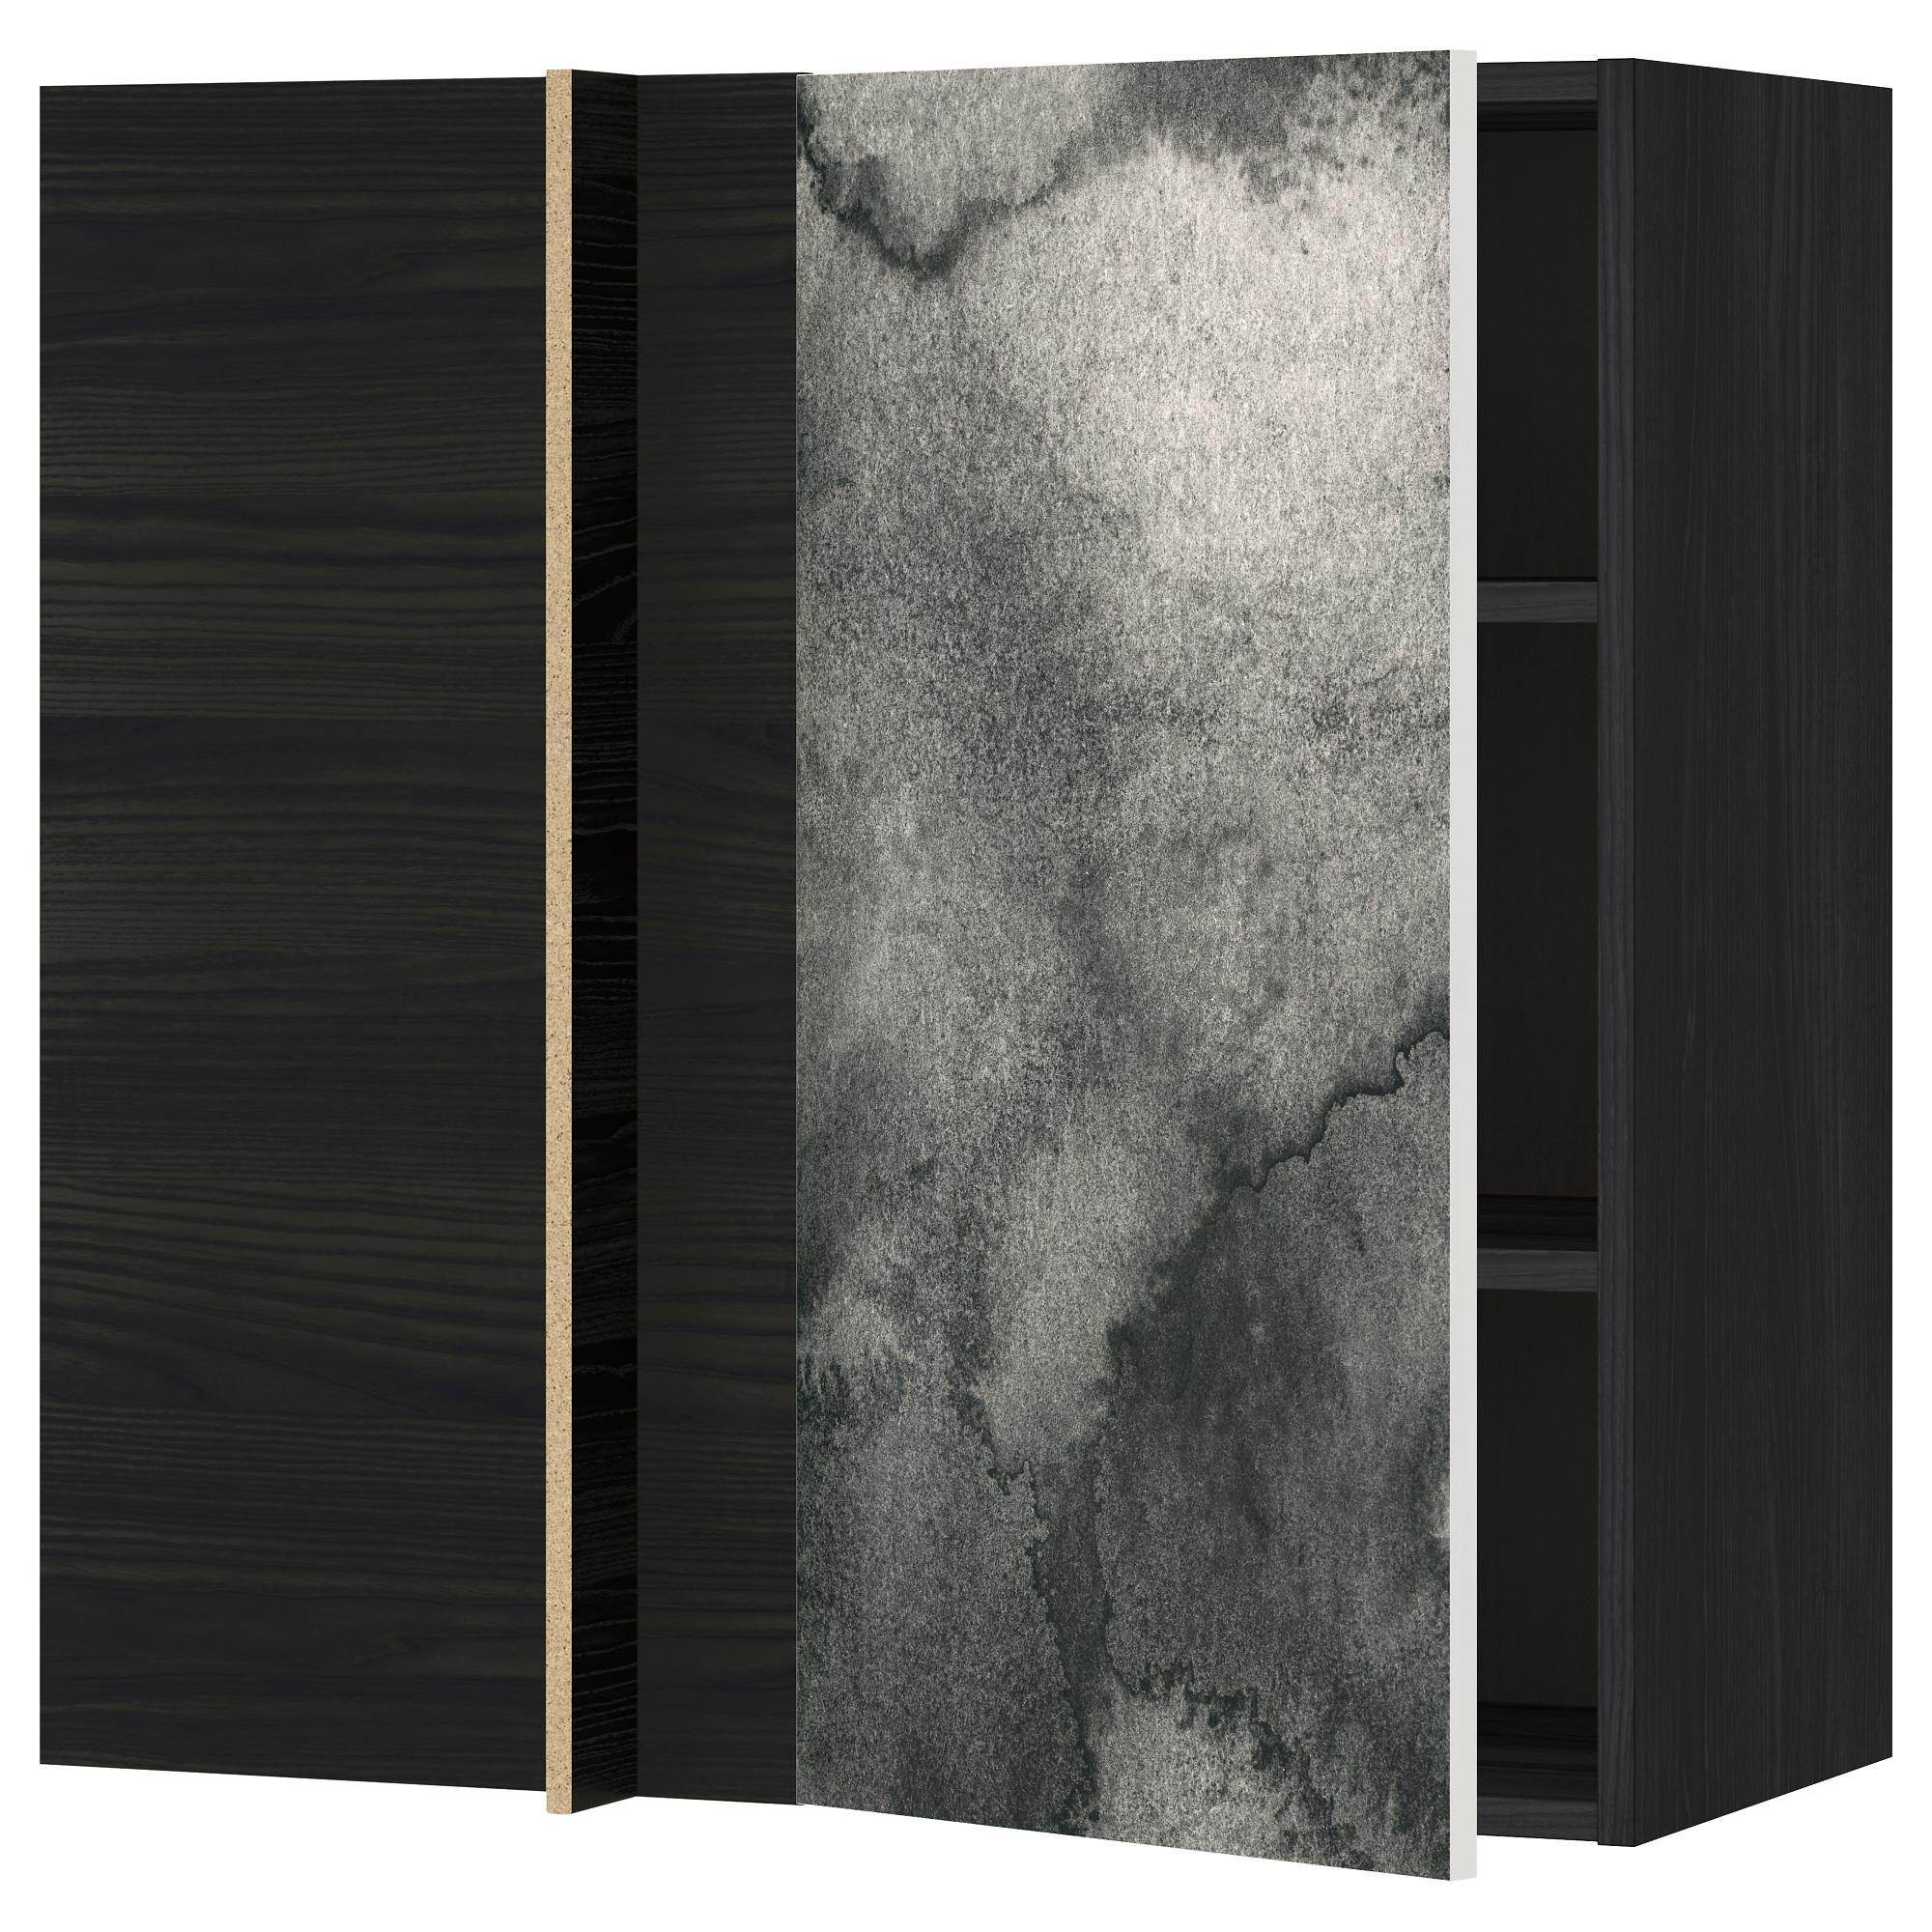 Угловой навесной шкаф с полками МЕТОД черный артикуль № 892.320.30 в наличии. Онлайн магазин IKEA РБ. Быстрая доставка и соборка.